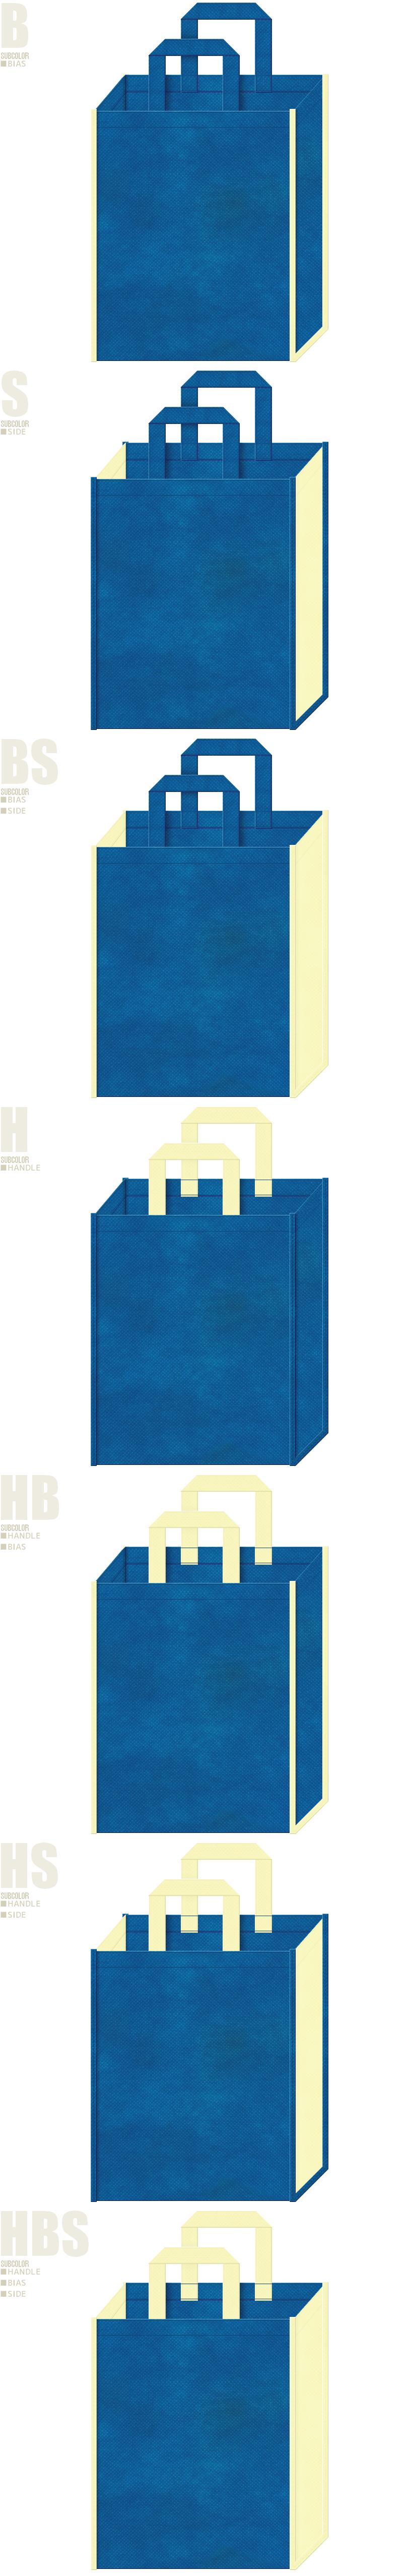 LED・電子部品の展示会用バッグにお奨めの不織布バッグデザイン:青色と淡黄色の不織布バッグ配色7パターン